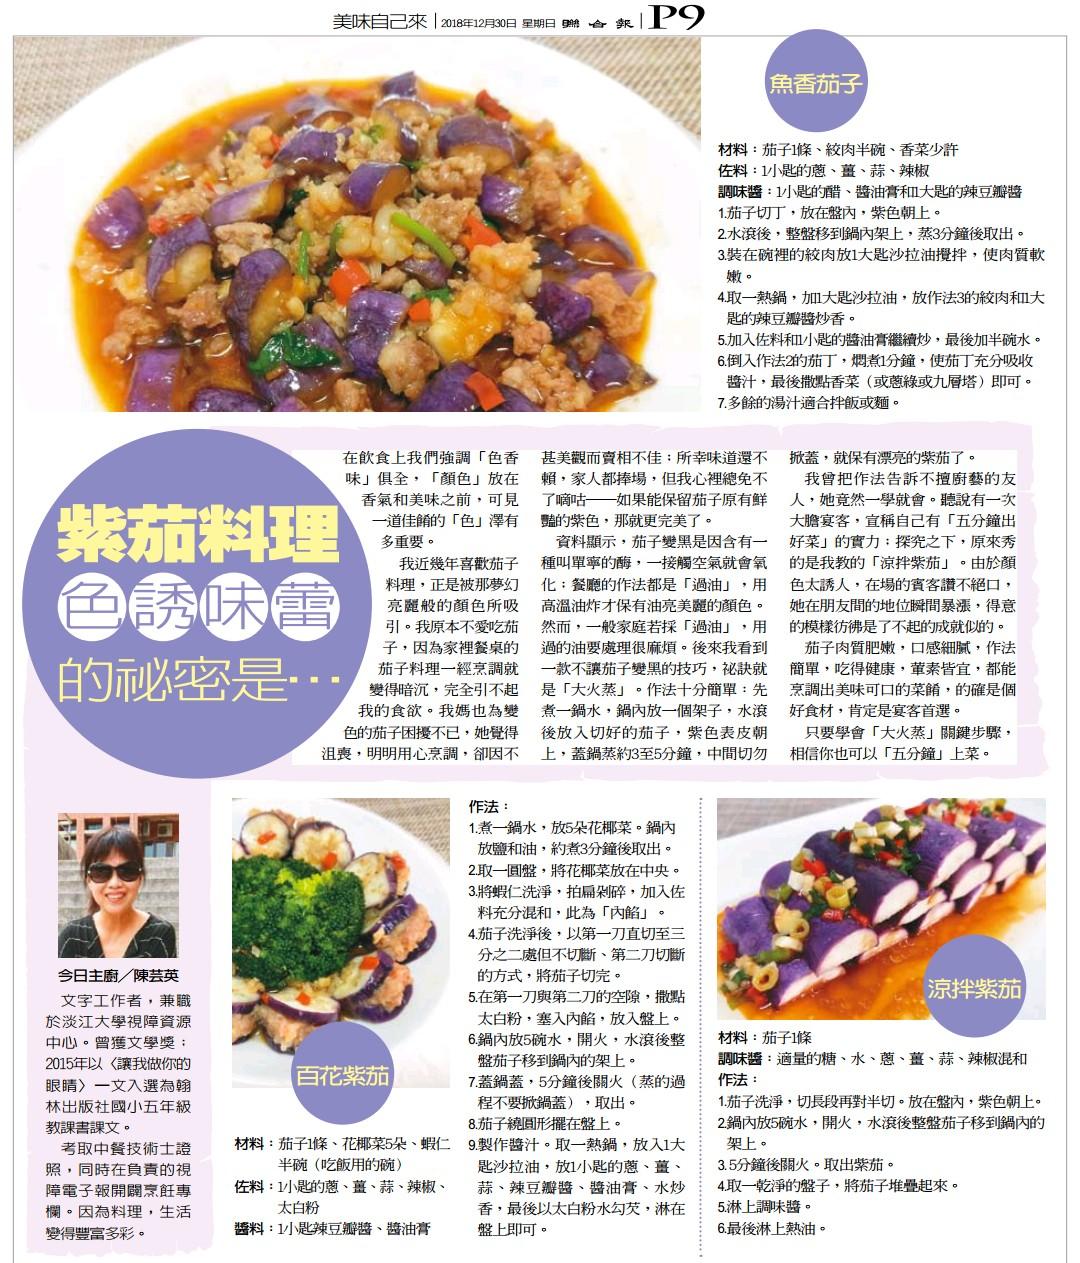 聯合報週日推出的「元氣週報」「美味自己來」單元,介紹了三道我做的紫茄料理。